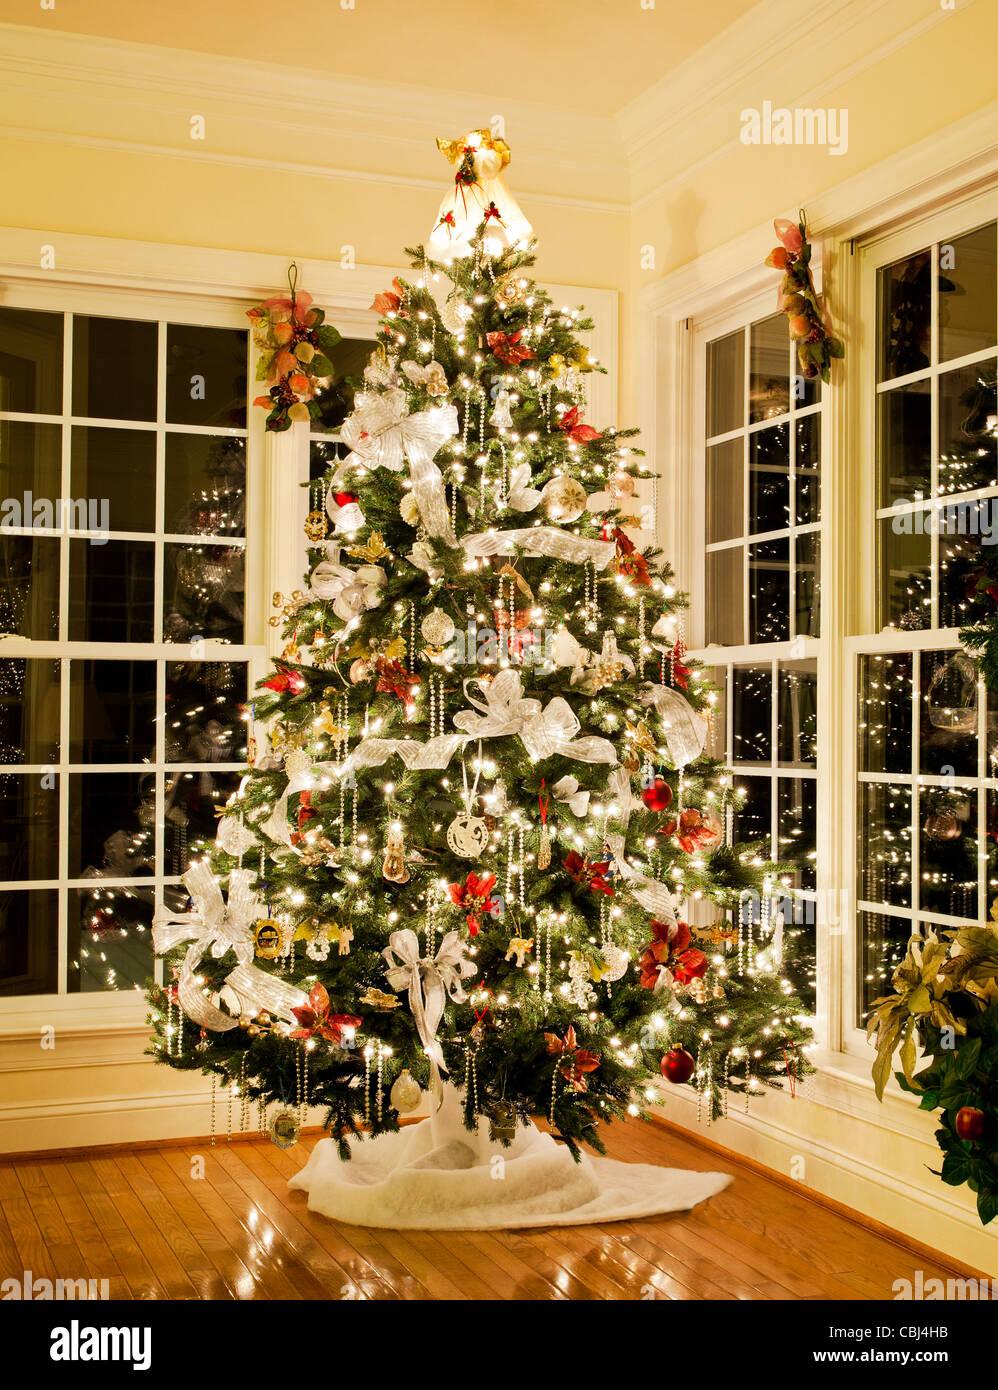 Künstlicher Geschmückter Weihnachtsbaum.Geschmückter Weihnachtsbaum Mit Silber Und Weiße Bänder Und